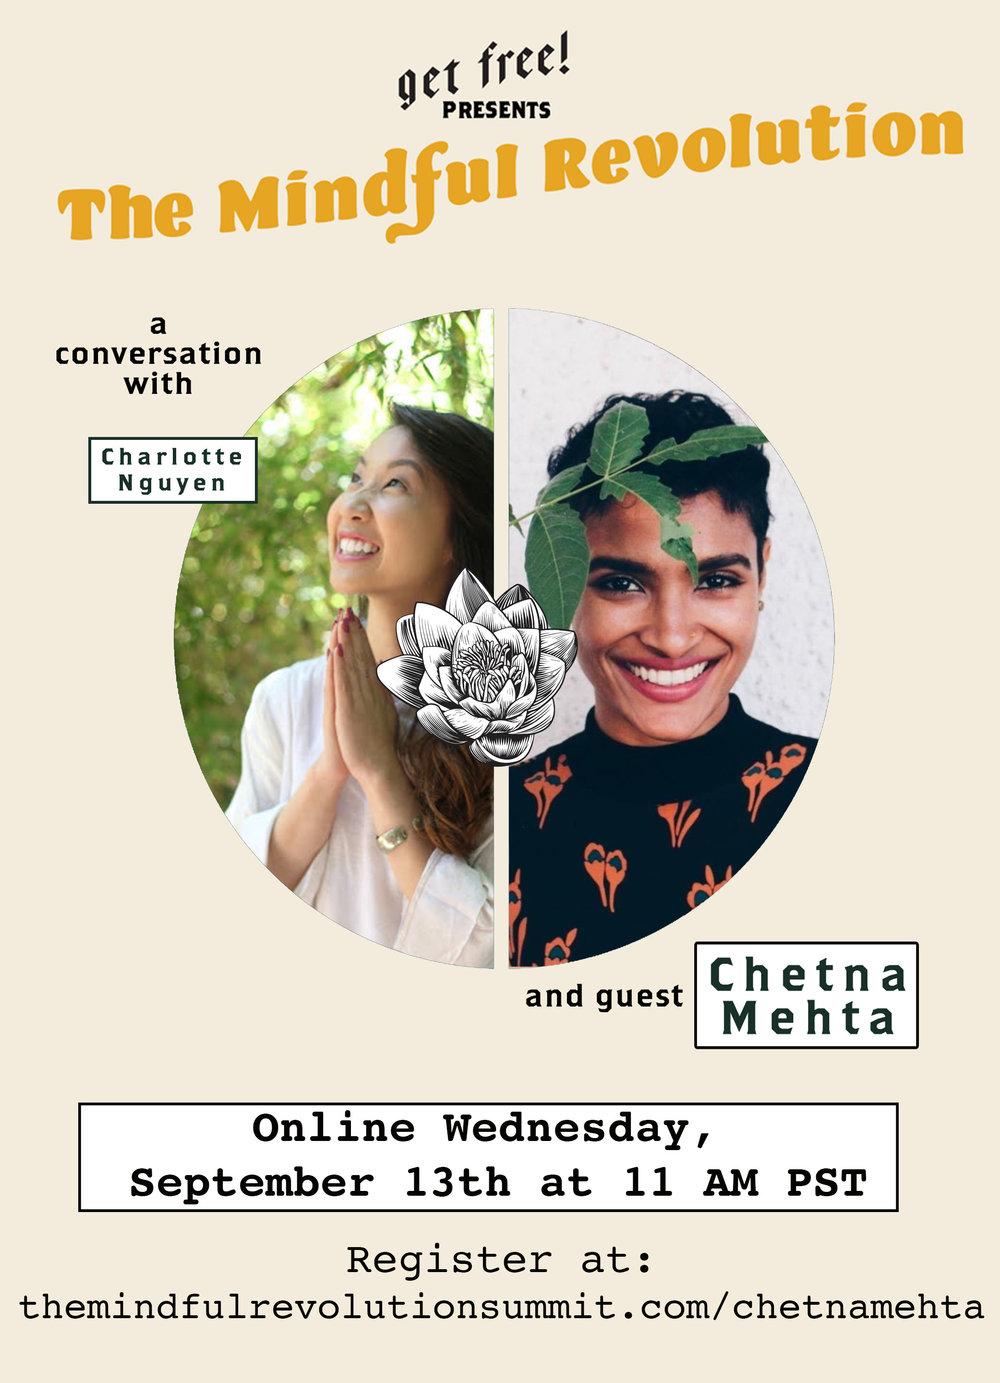 Chetna-Mehta - Mindful Revolution.jpg